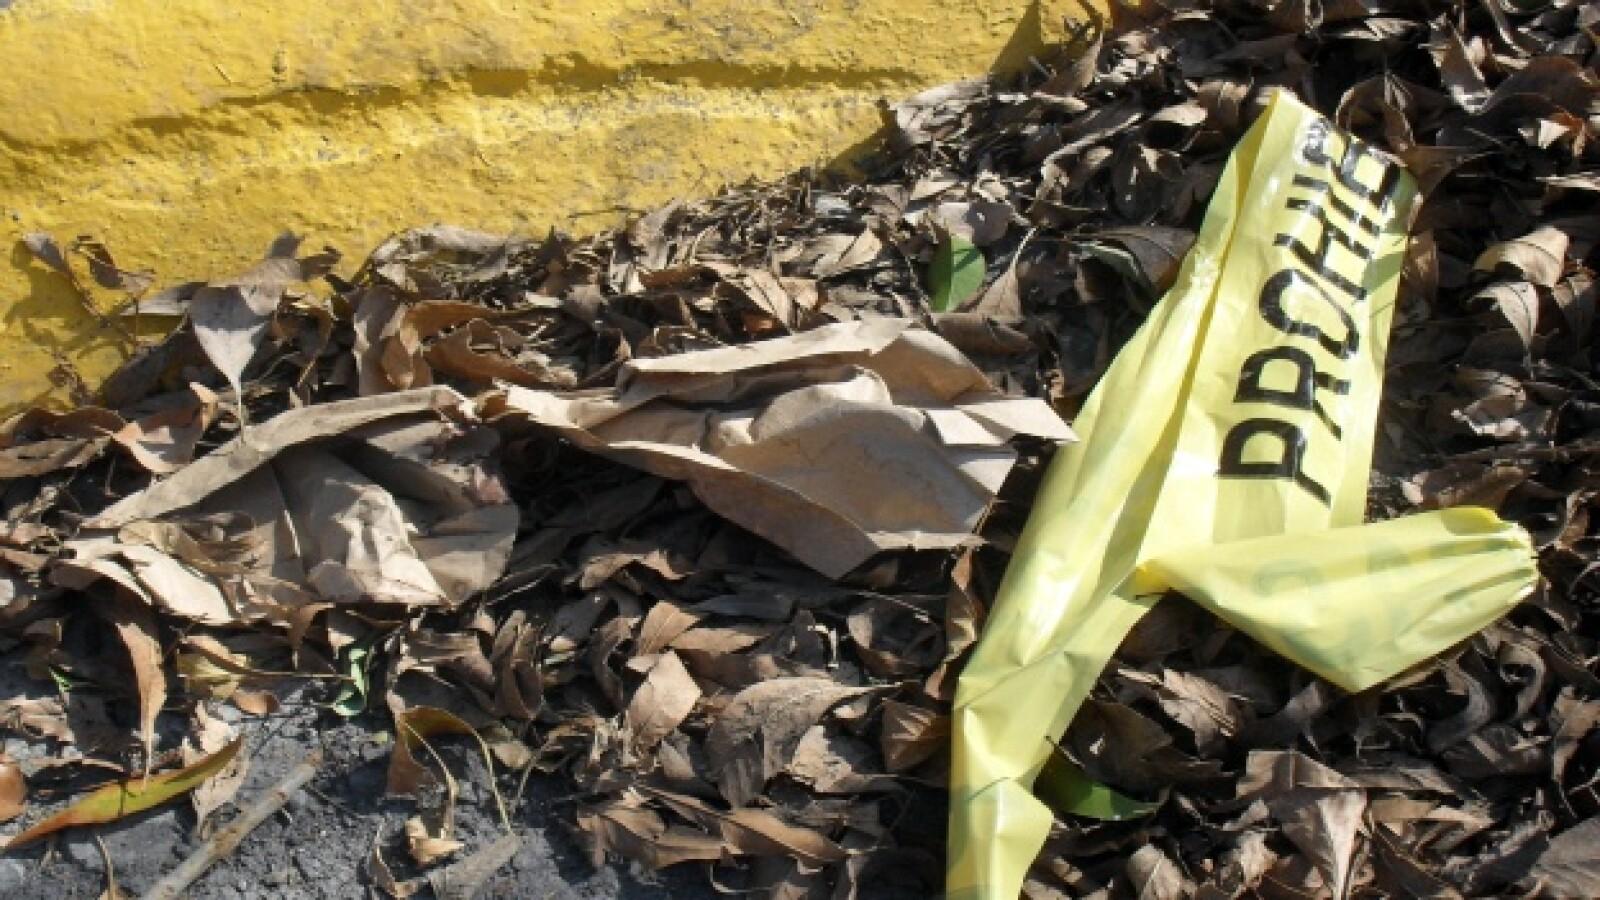 Foto del parque La Cañada, en Cumbres 5o. sector, Monterrey, Nuevo León. Escenario de explosión de una granada que lesionó a tres niños